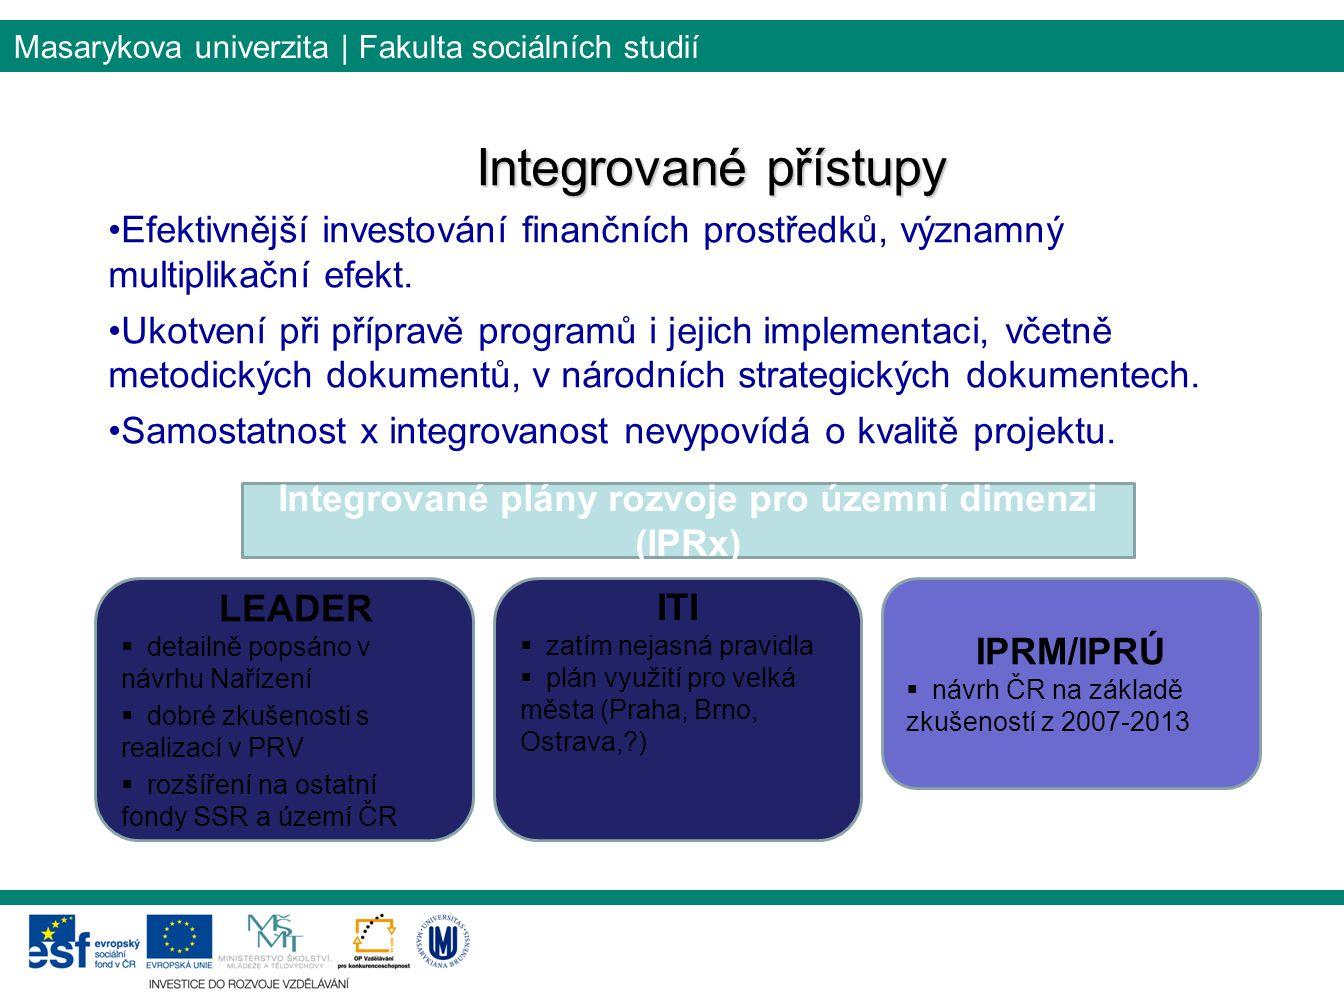 Masarykova univerzita | Fakulta sociálních studií Integrované přístupy Efektivnější investování finančních prostředků, významný multiplikační efekt.